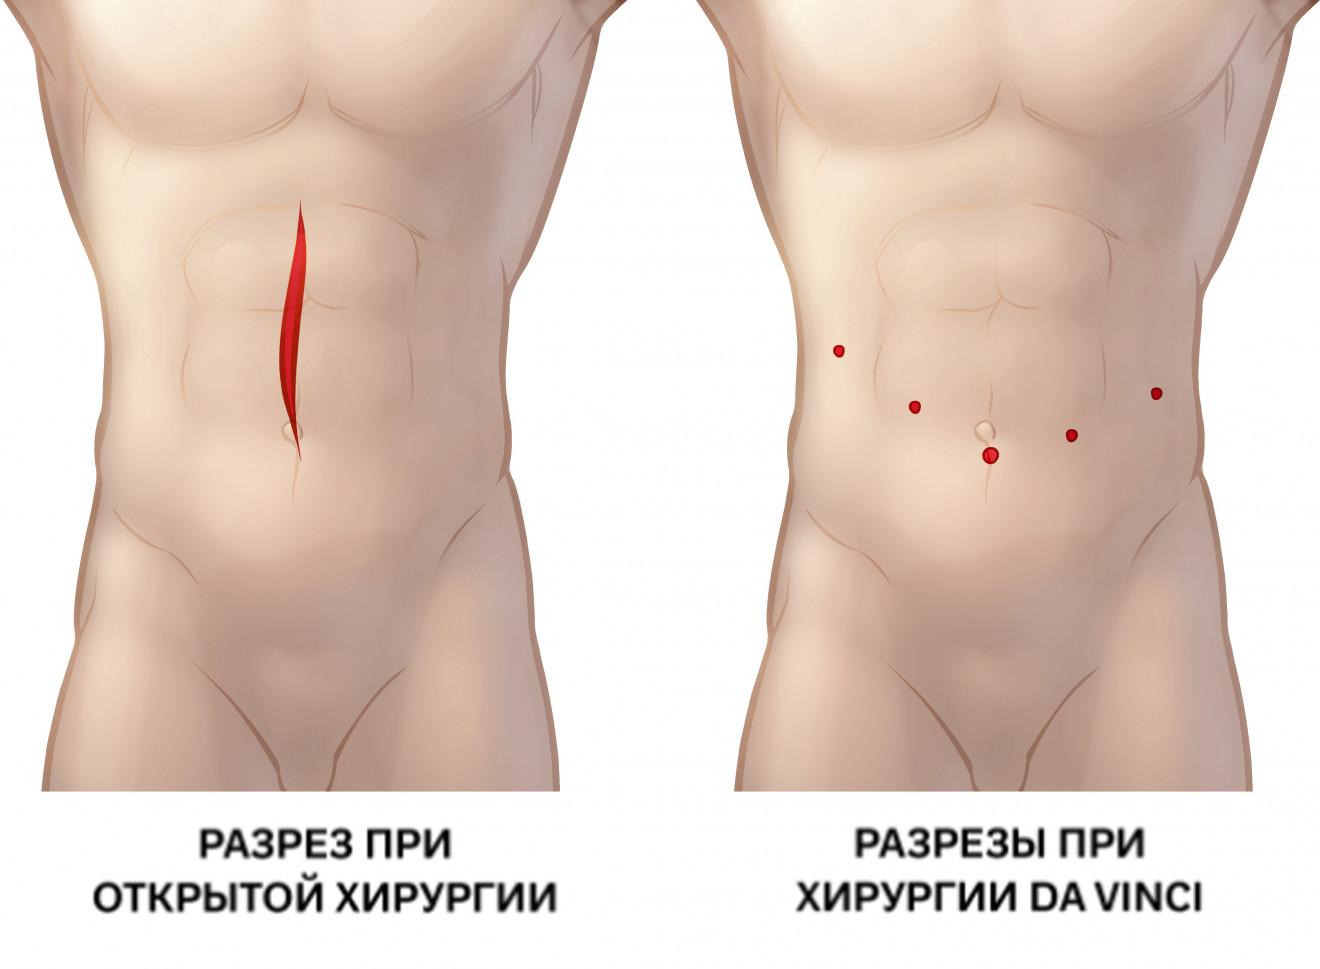 Разрез при открытой операции и при операции с da Vinci